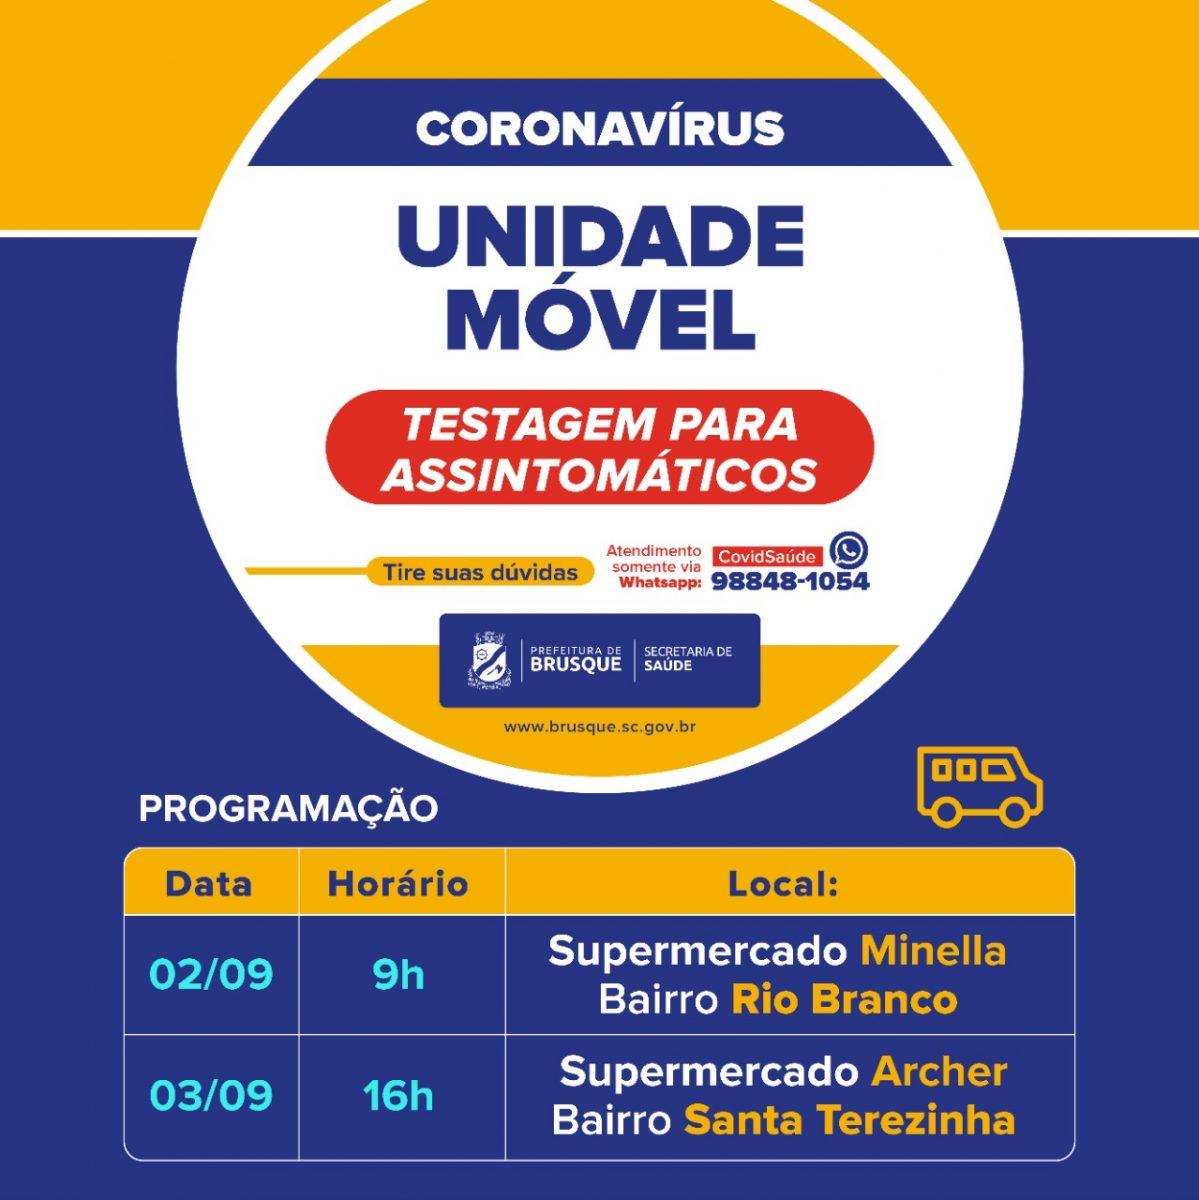 Confira a agenda da Unidade Móvel Covid-19 desta semana